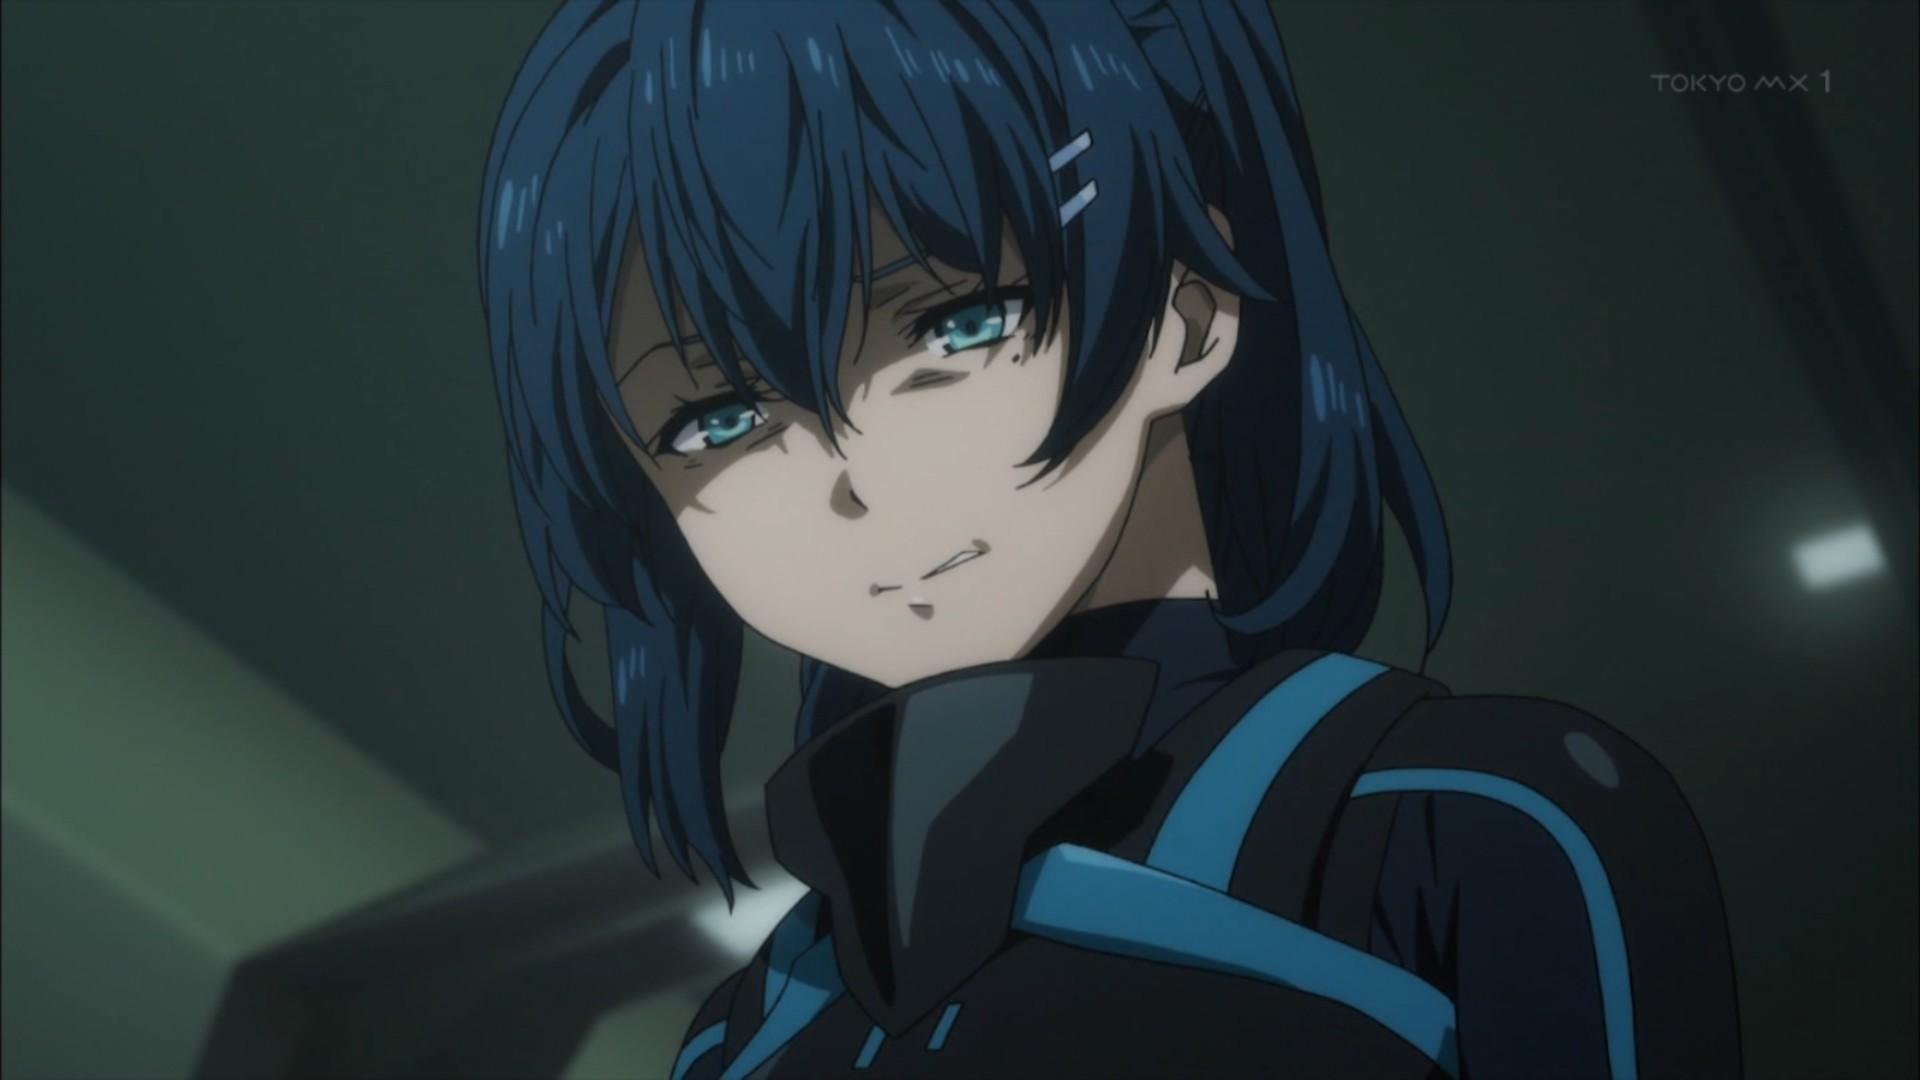 『エガオノダイカ』第7話感想・・・殺される為のハゲキャラを雑に出して雑に殺すのやめてくれ!! 逆に笑顔になってしまう